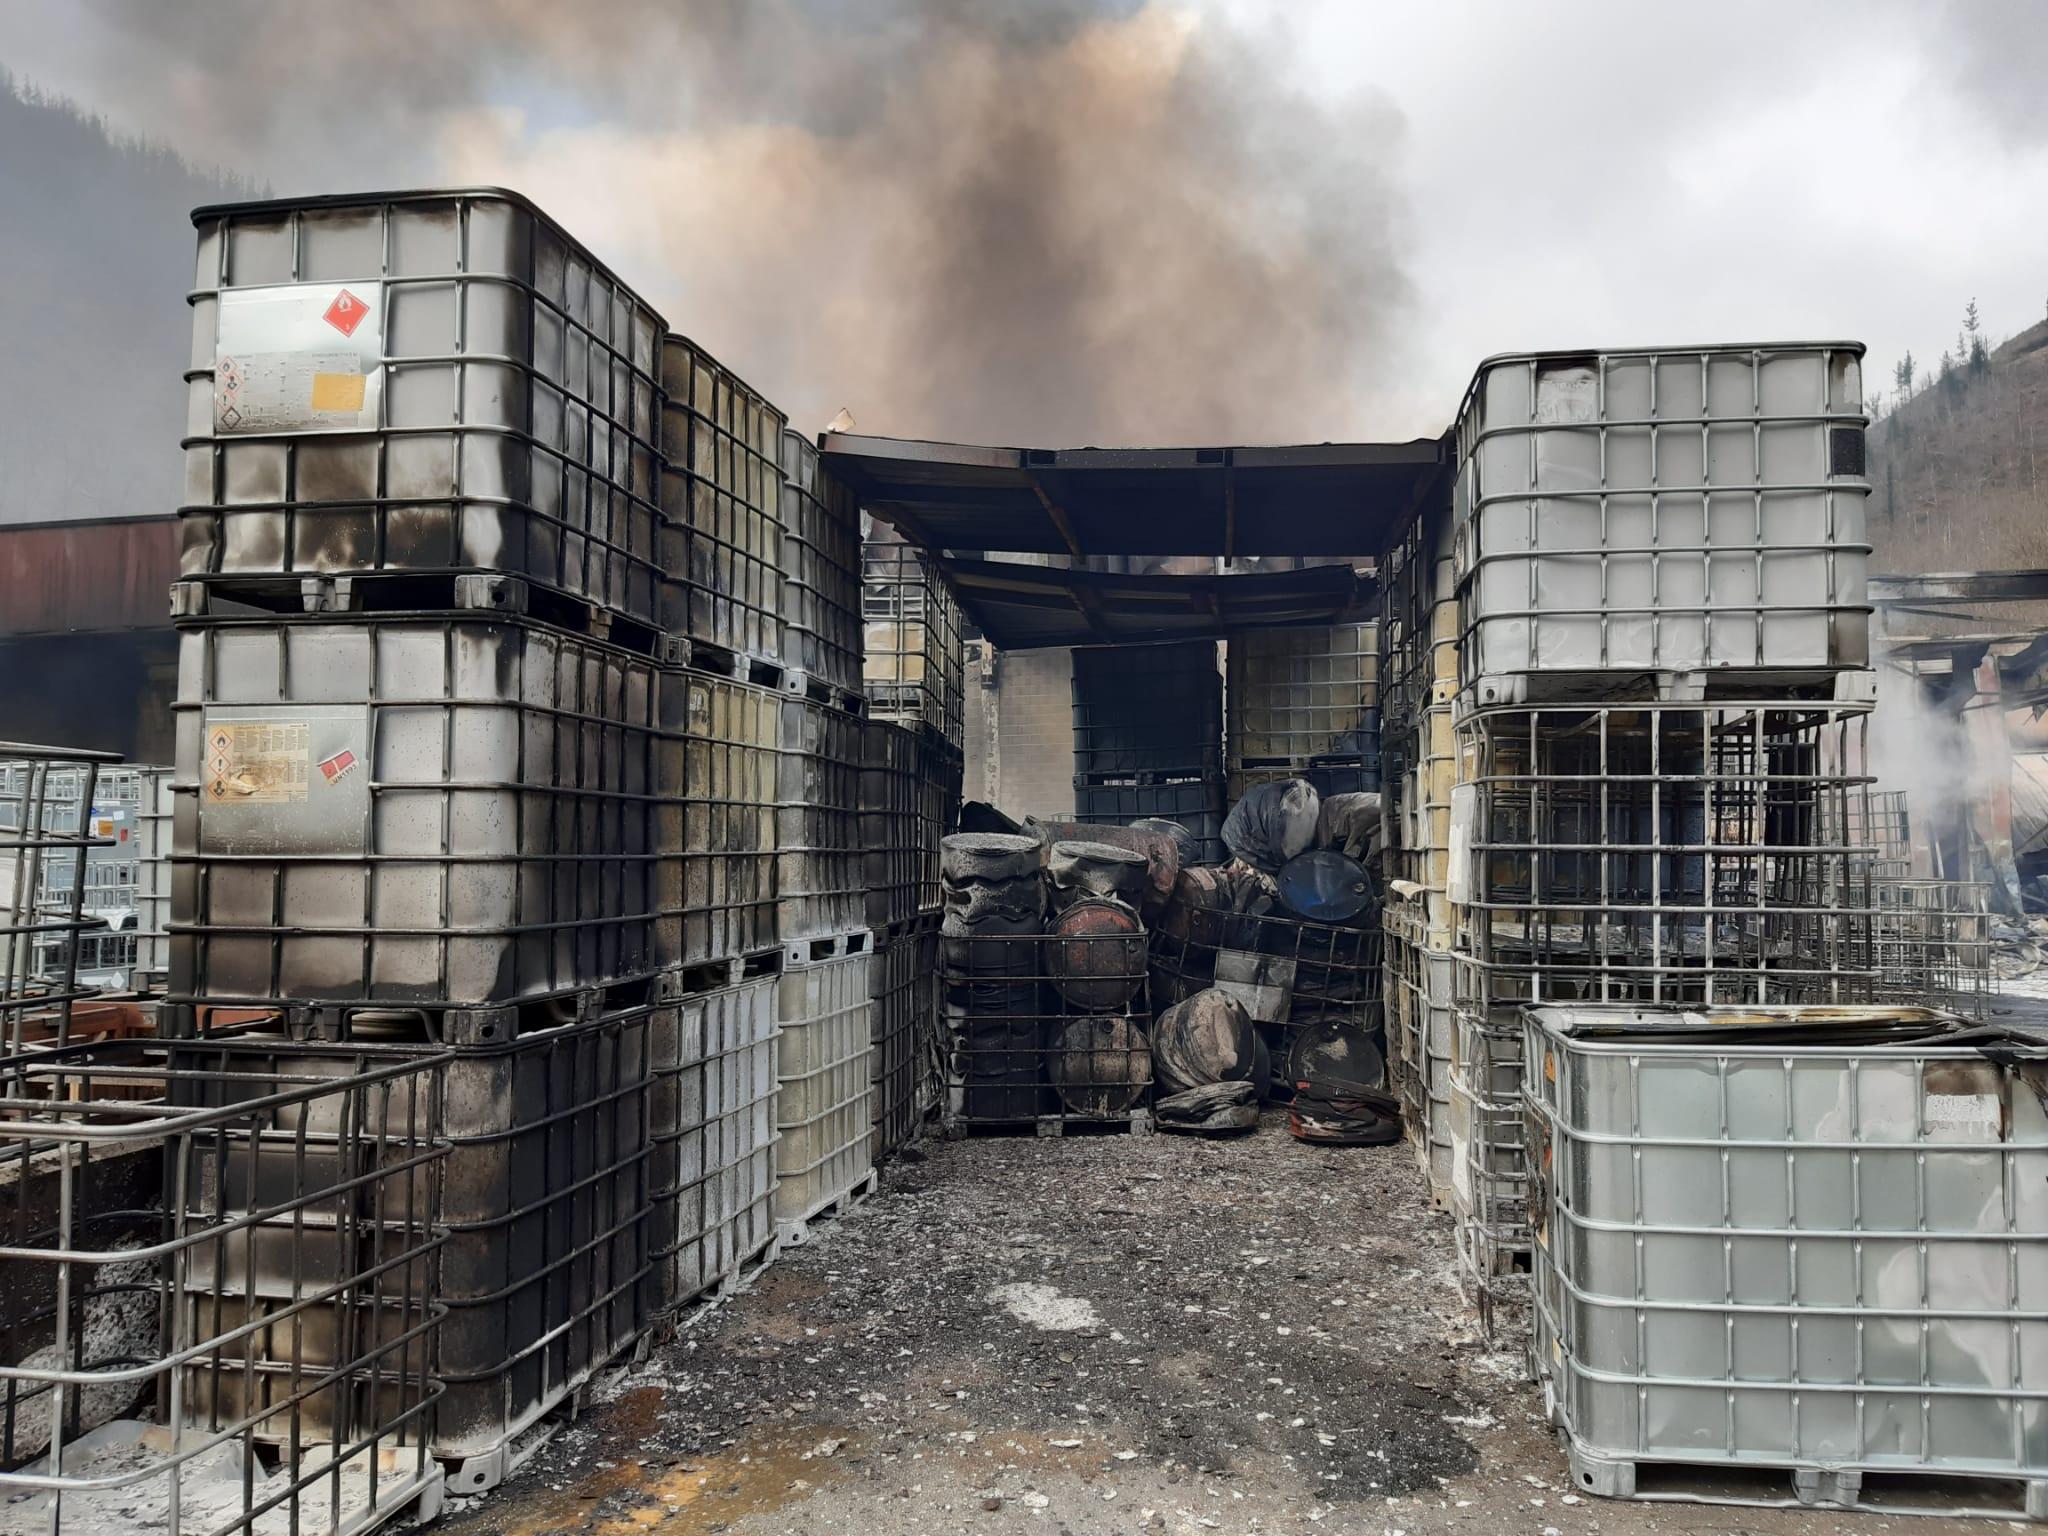 La empresa afectada por el incendio. Foto: Sos Deiak